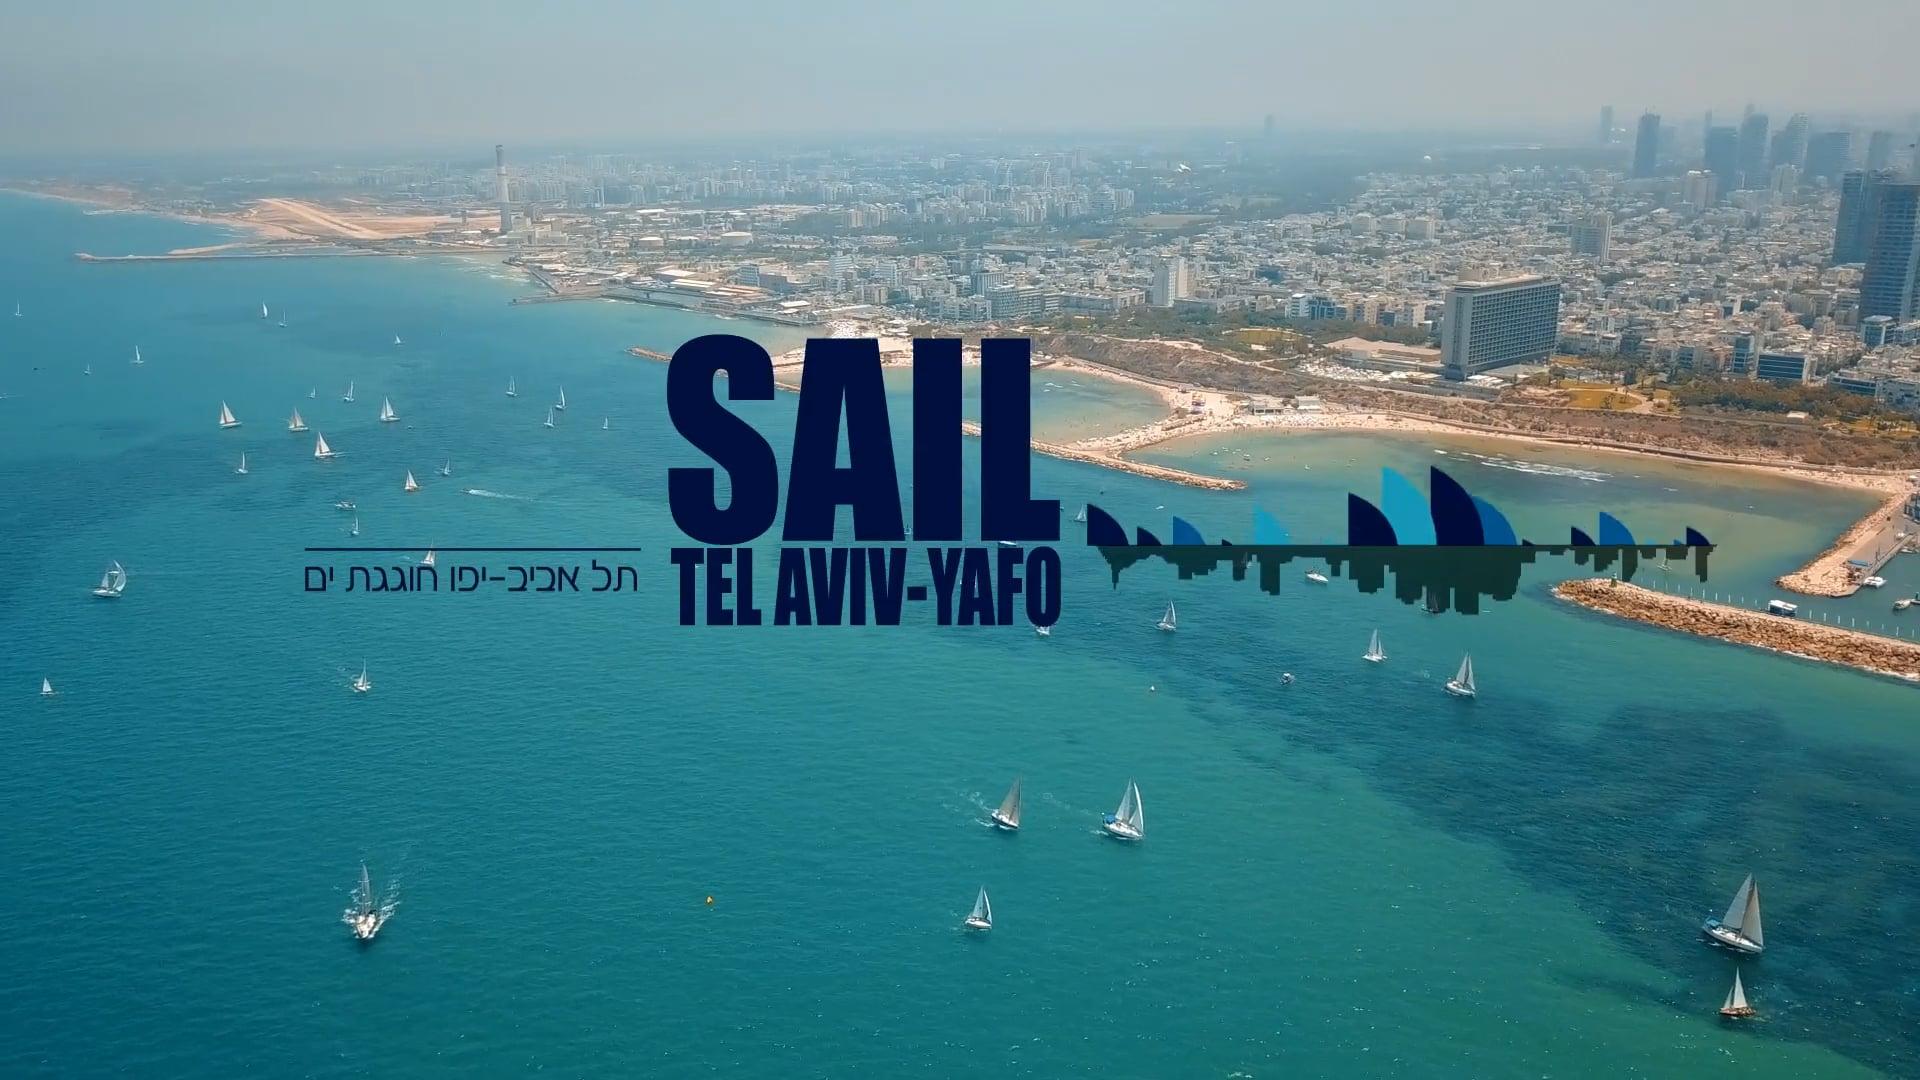 Sail Tel Aviv 2017